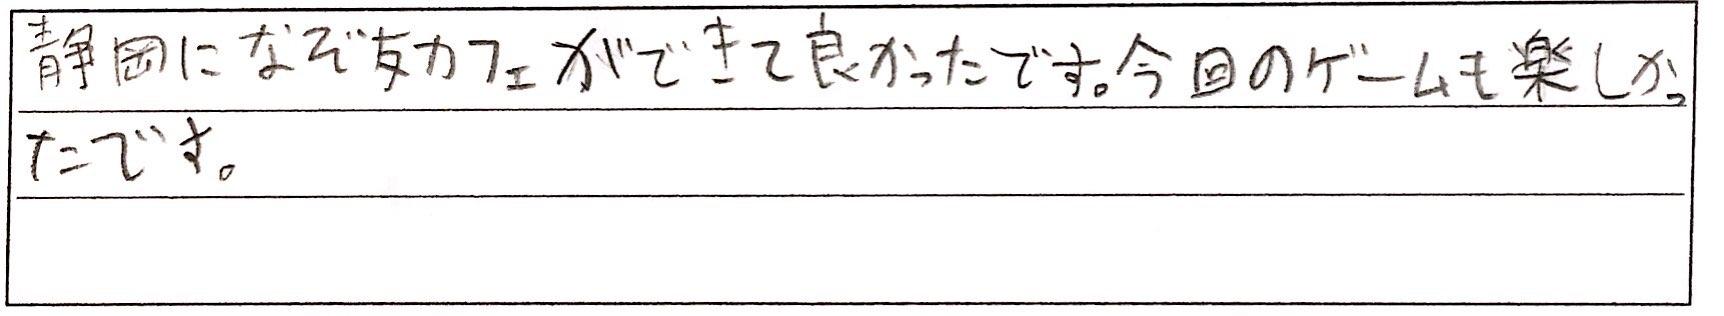 161022_150720_3.jpg